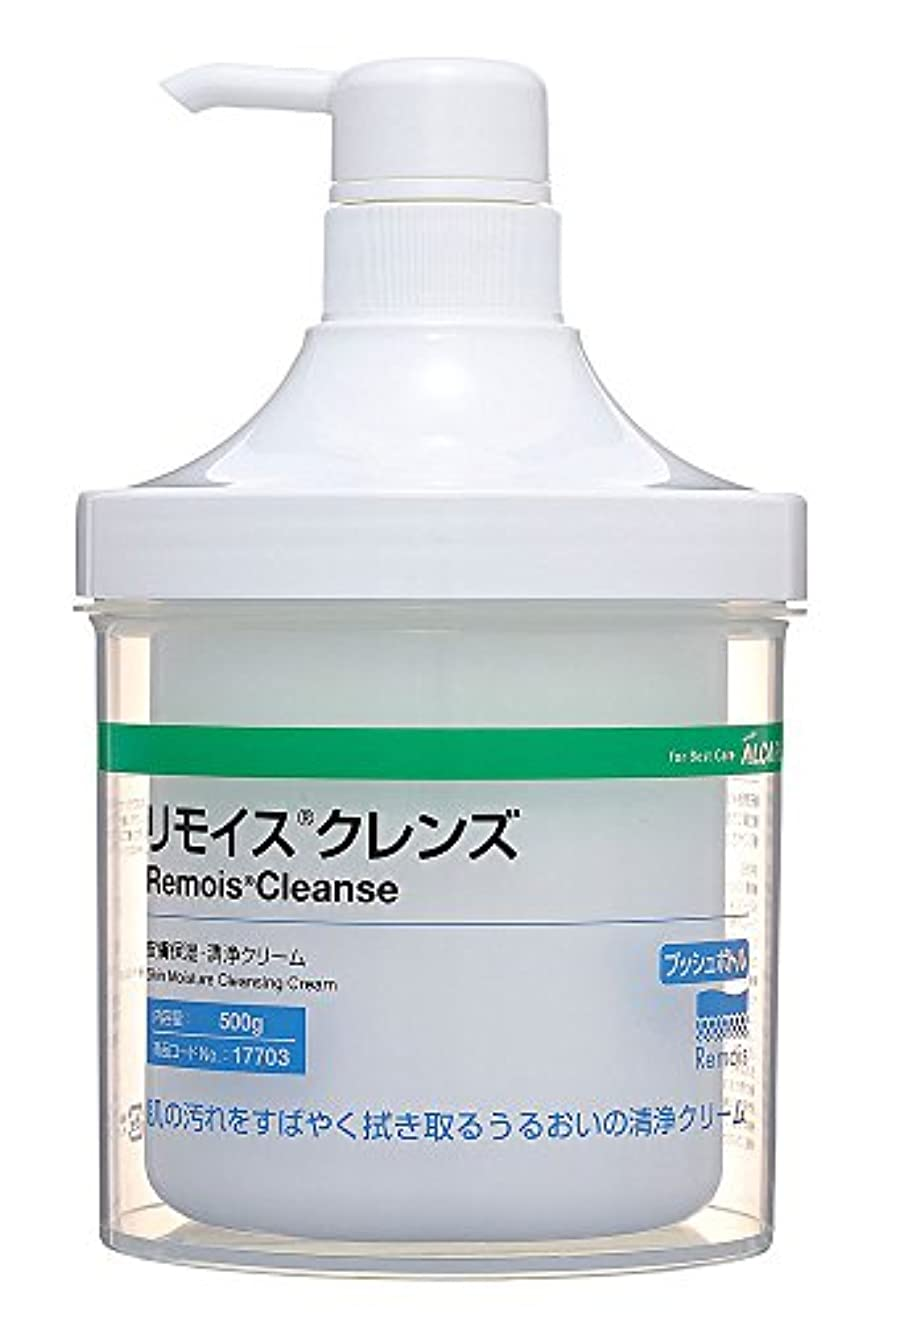 雑品アスペクト印象アルケア リモイスクレンズ 皮膚保湿?清浄クリーム 17703 プッシュボトル 500g